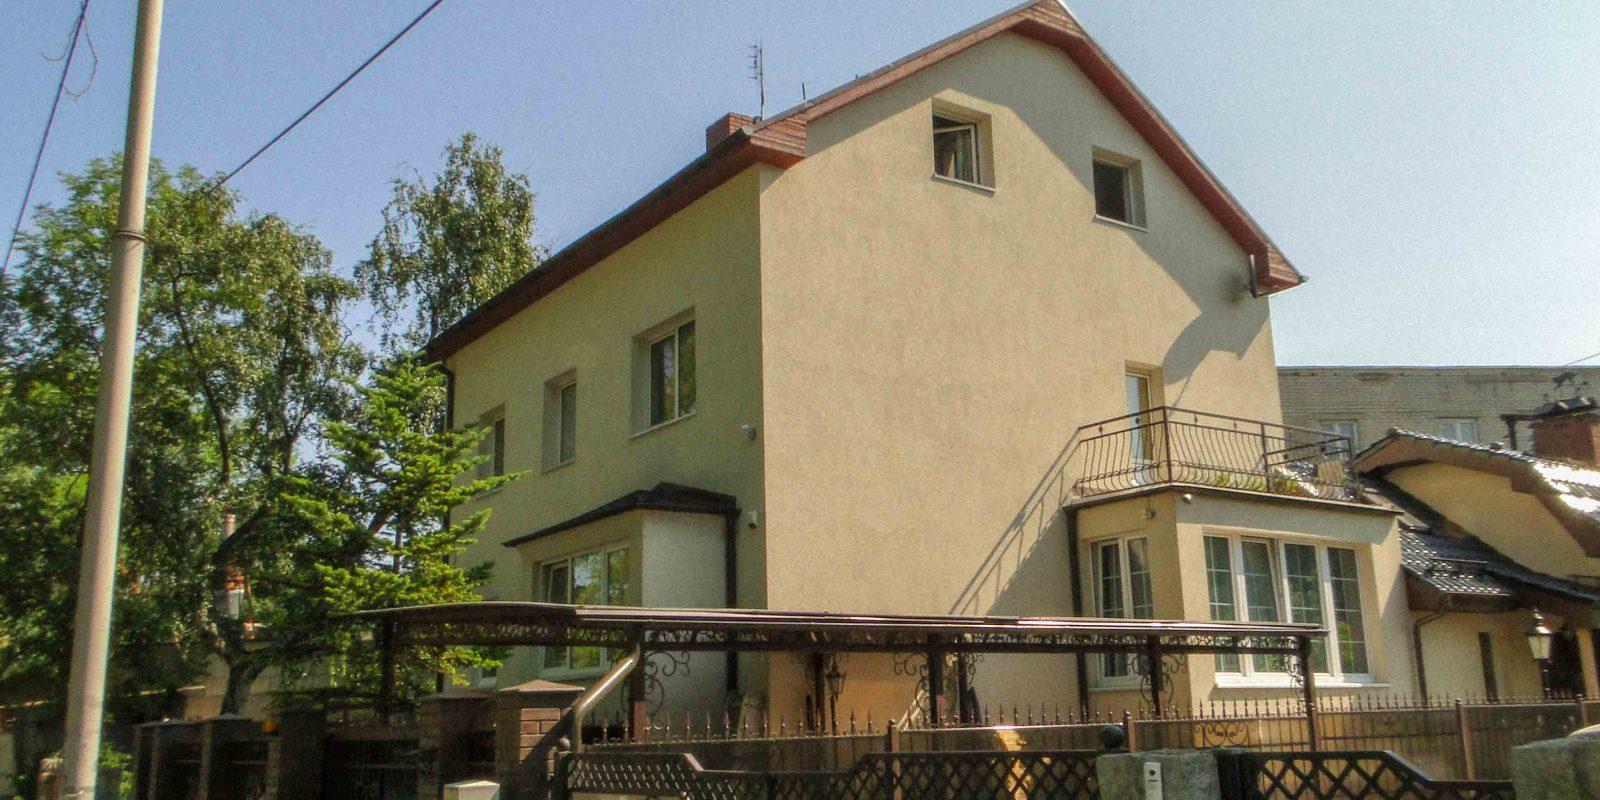 Судебная строительно-техническая экспертиза жилого дома